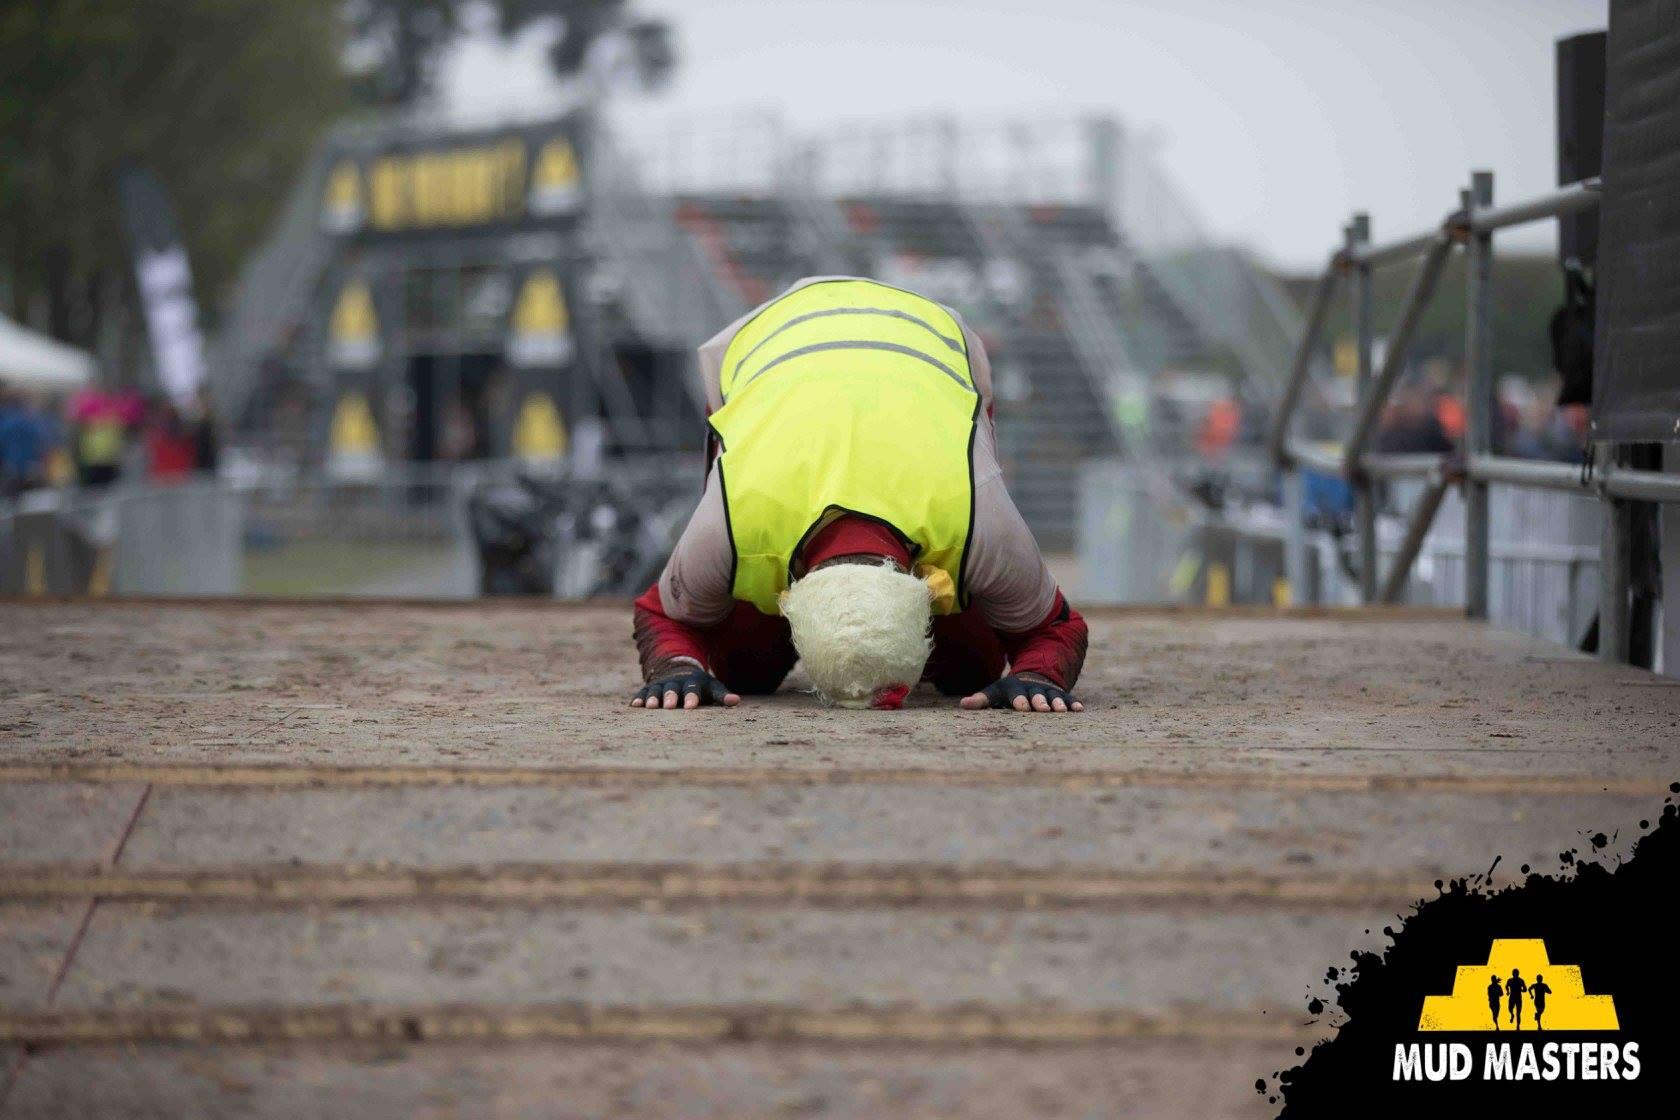 Mud Masters Obstacle Run Night Shift, Hindernislauf Deutschland, Tough Chicken finisher